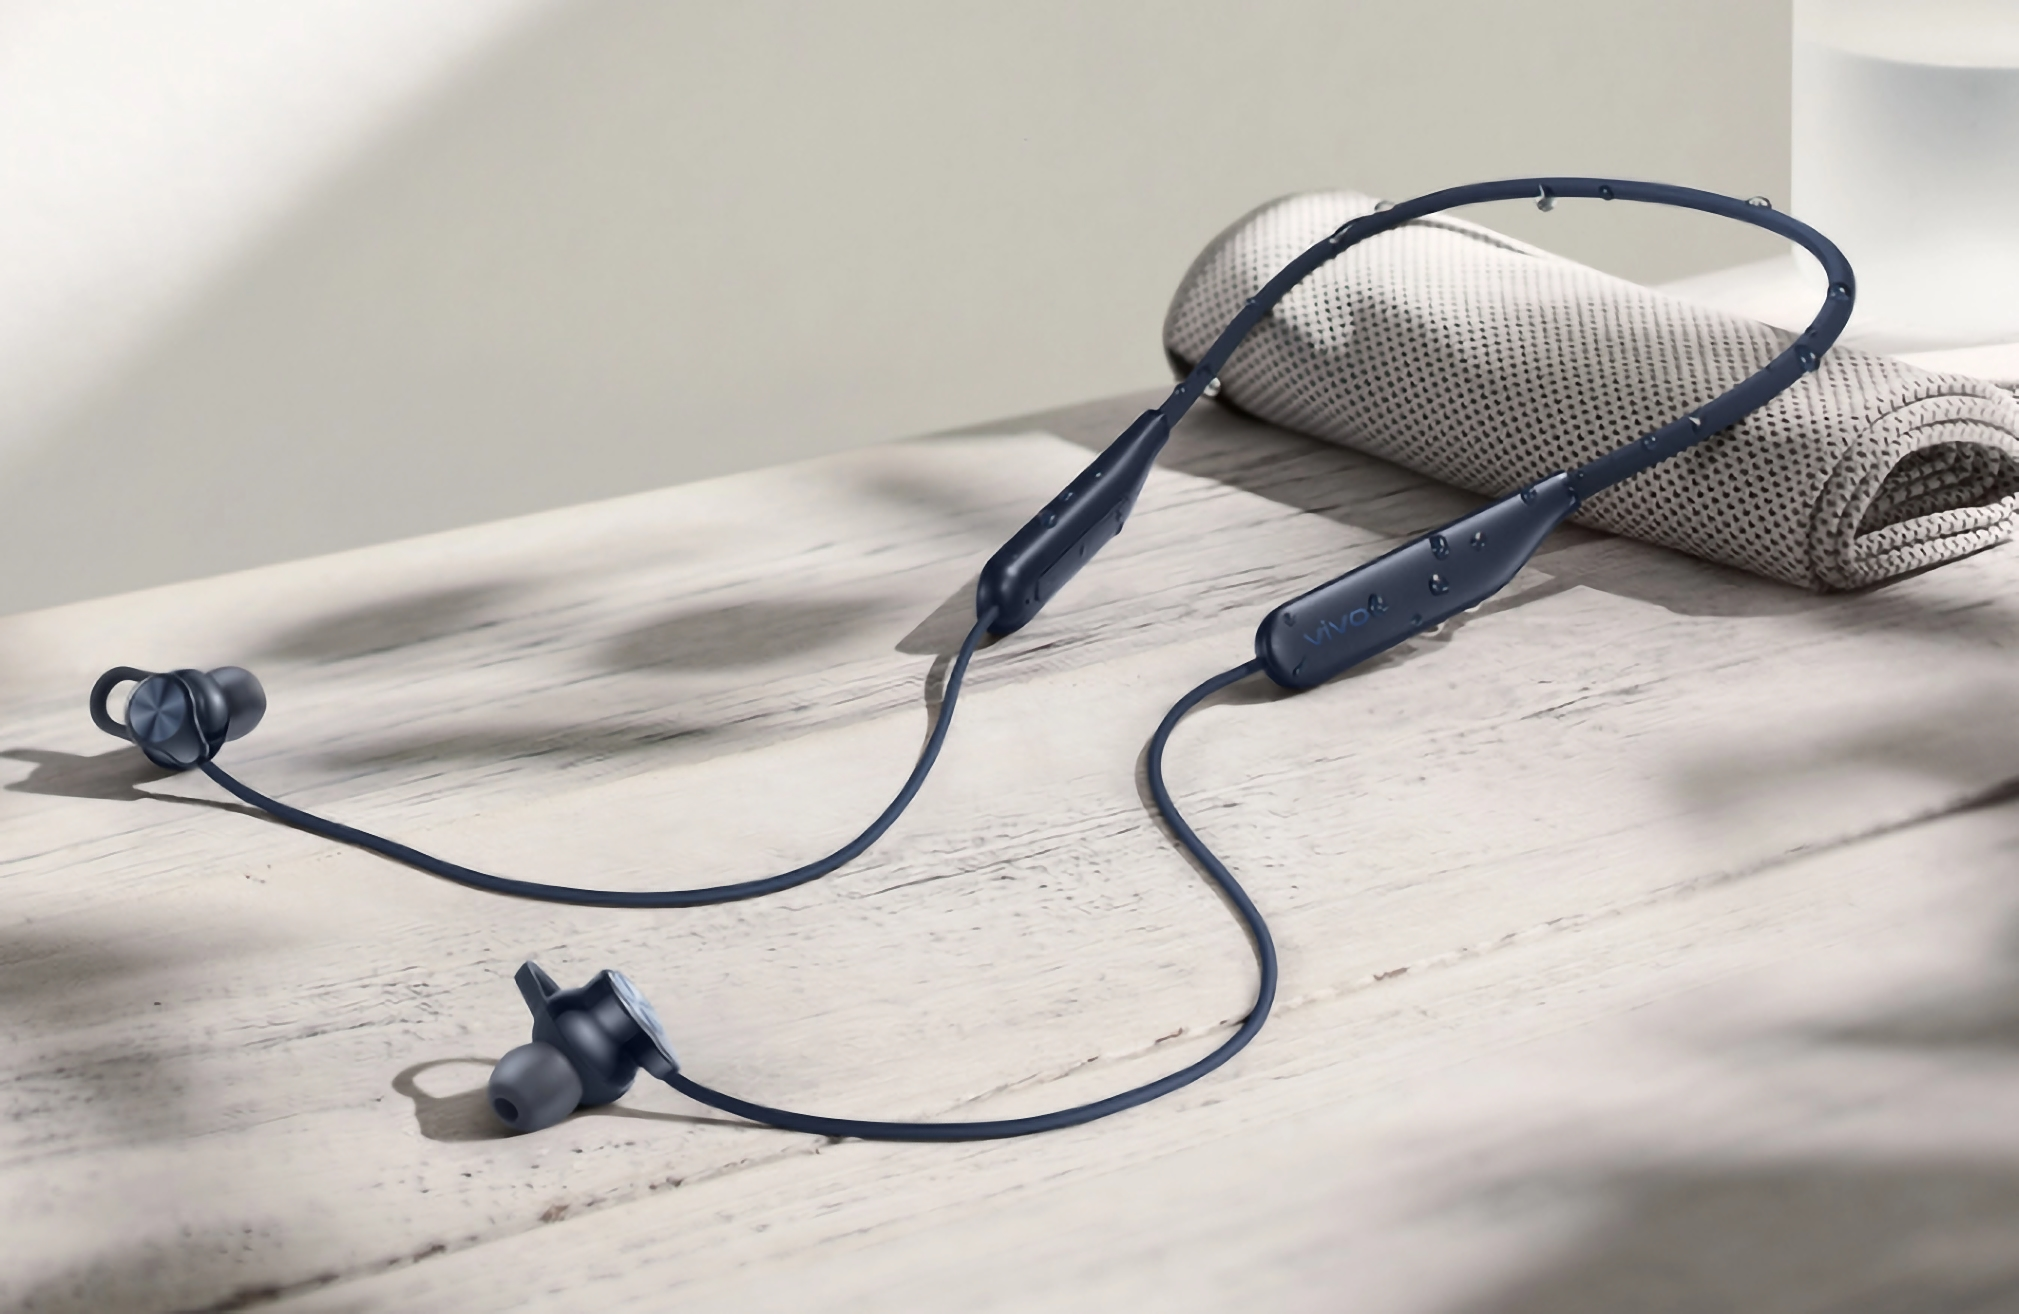 Vivo представила нашейные Bluetooth-наушники с автономностью до 18 часов и портом USB-C за $46